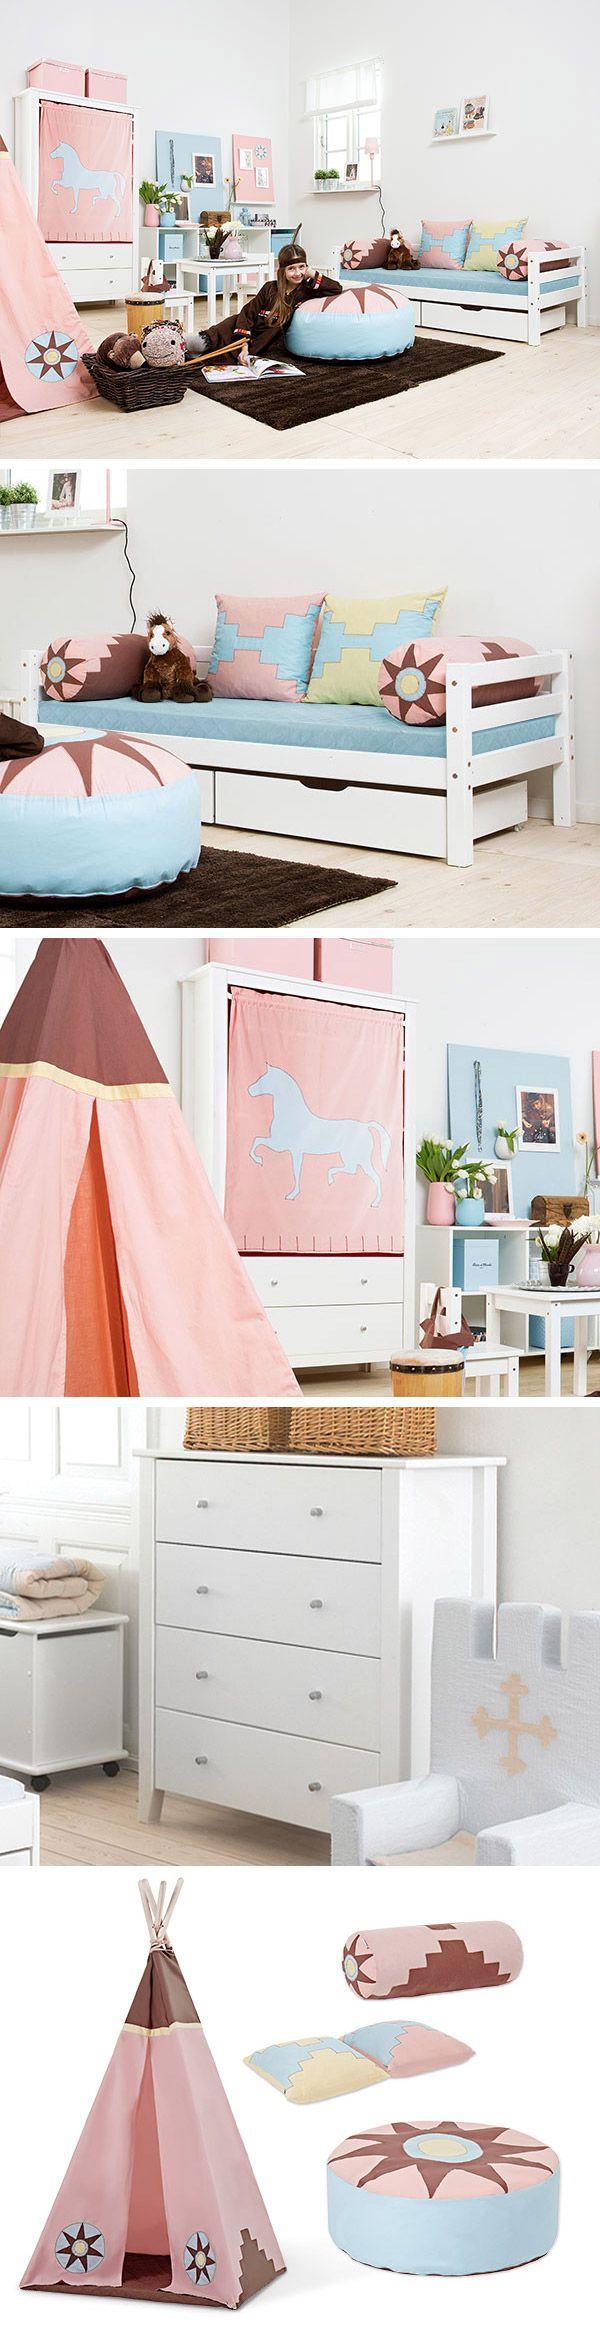 170 besten Kinderzimmer Bilder auf Pinterest | Betten, Spielzimmer ... | {Kinderzimmer de 85}